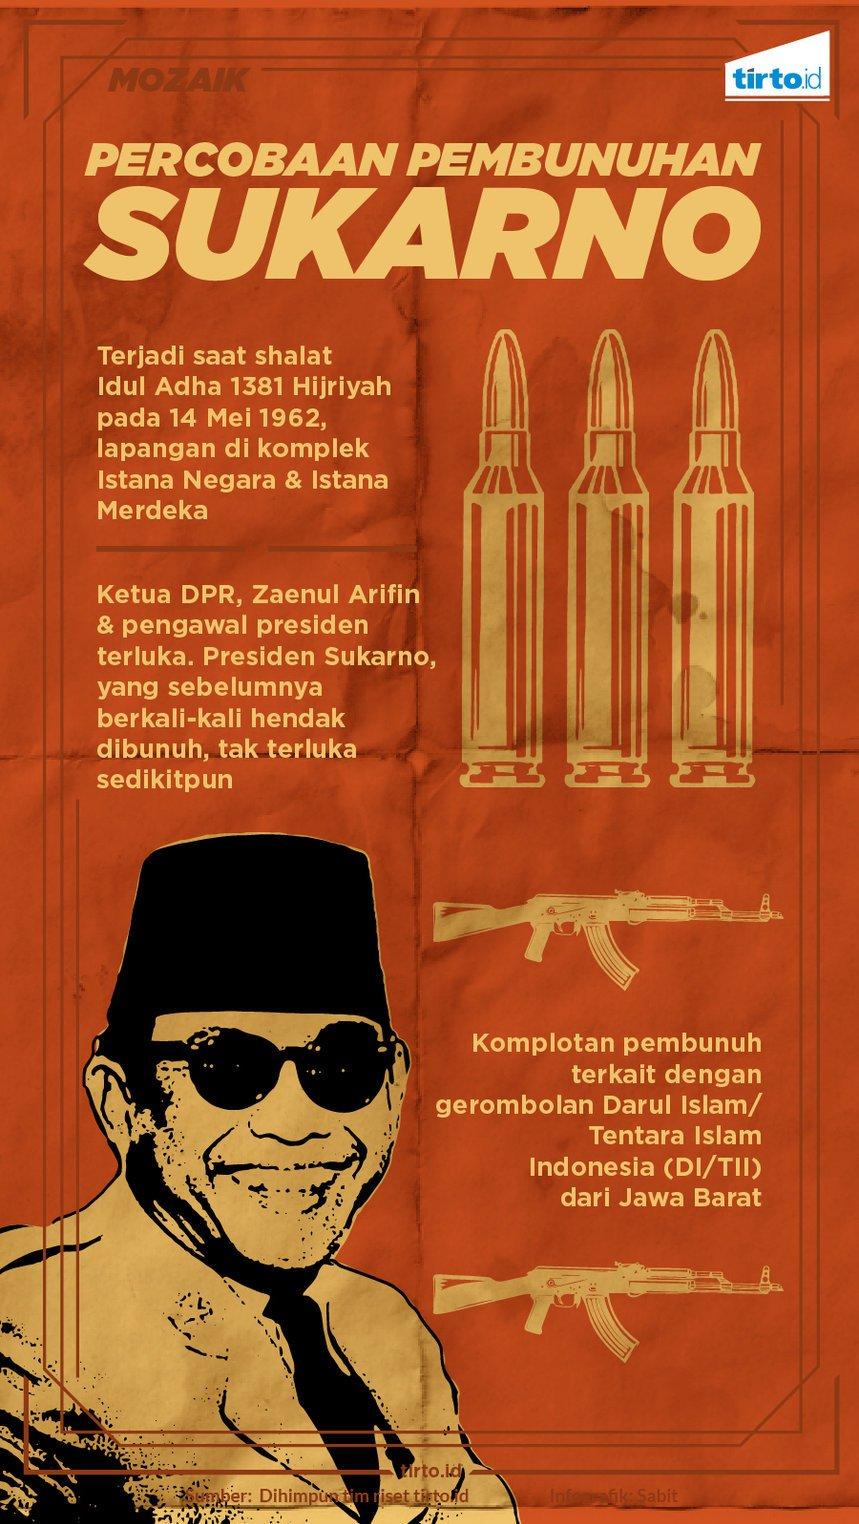 Infografik Mozaik Percobaan Pembunuhan Sukarno